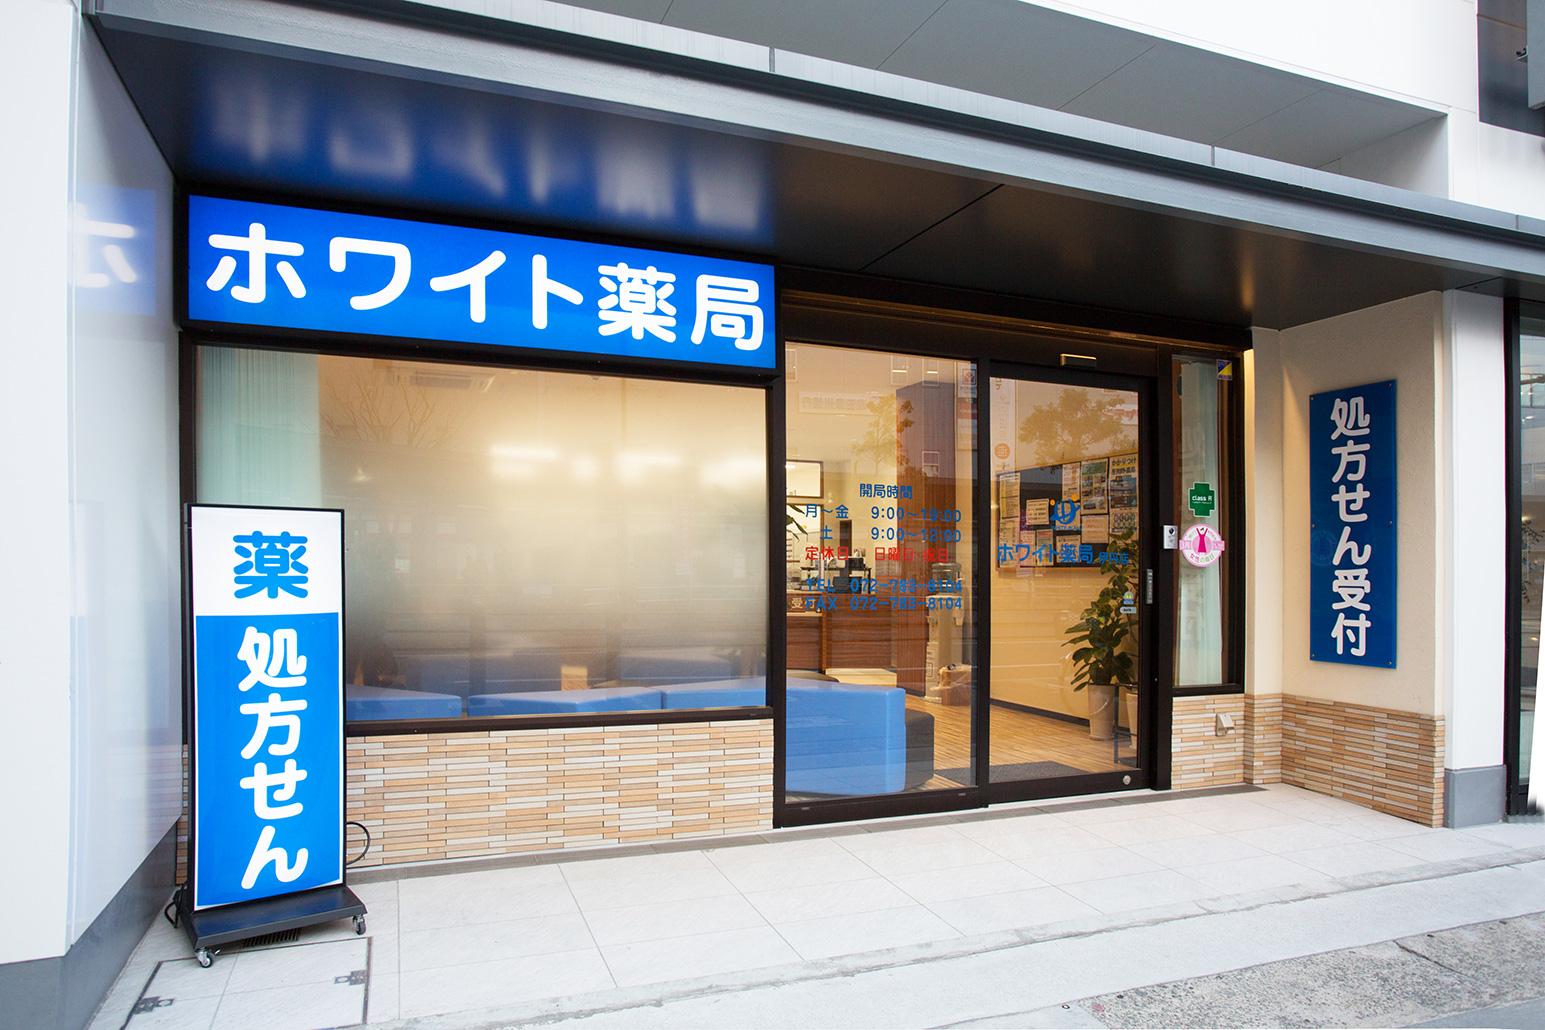 ホワイト薬局 伊丹店 写真01